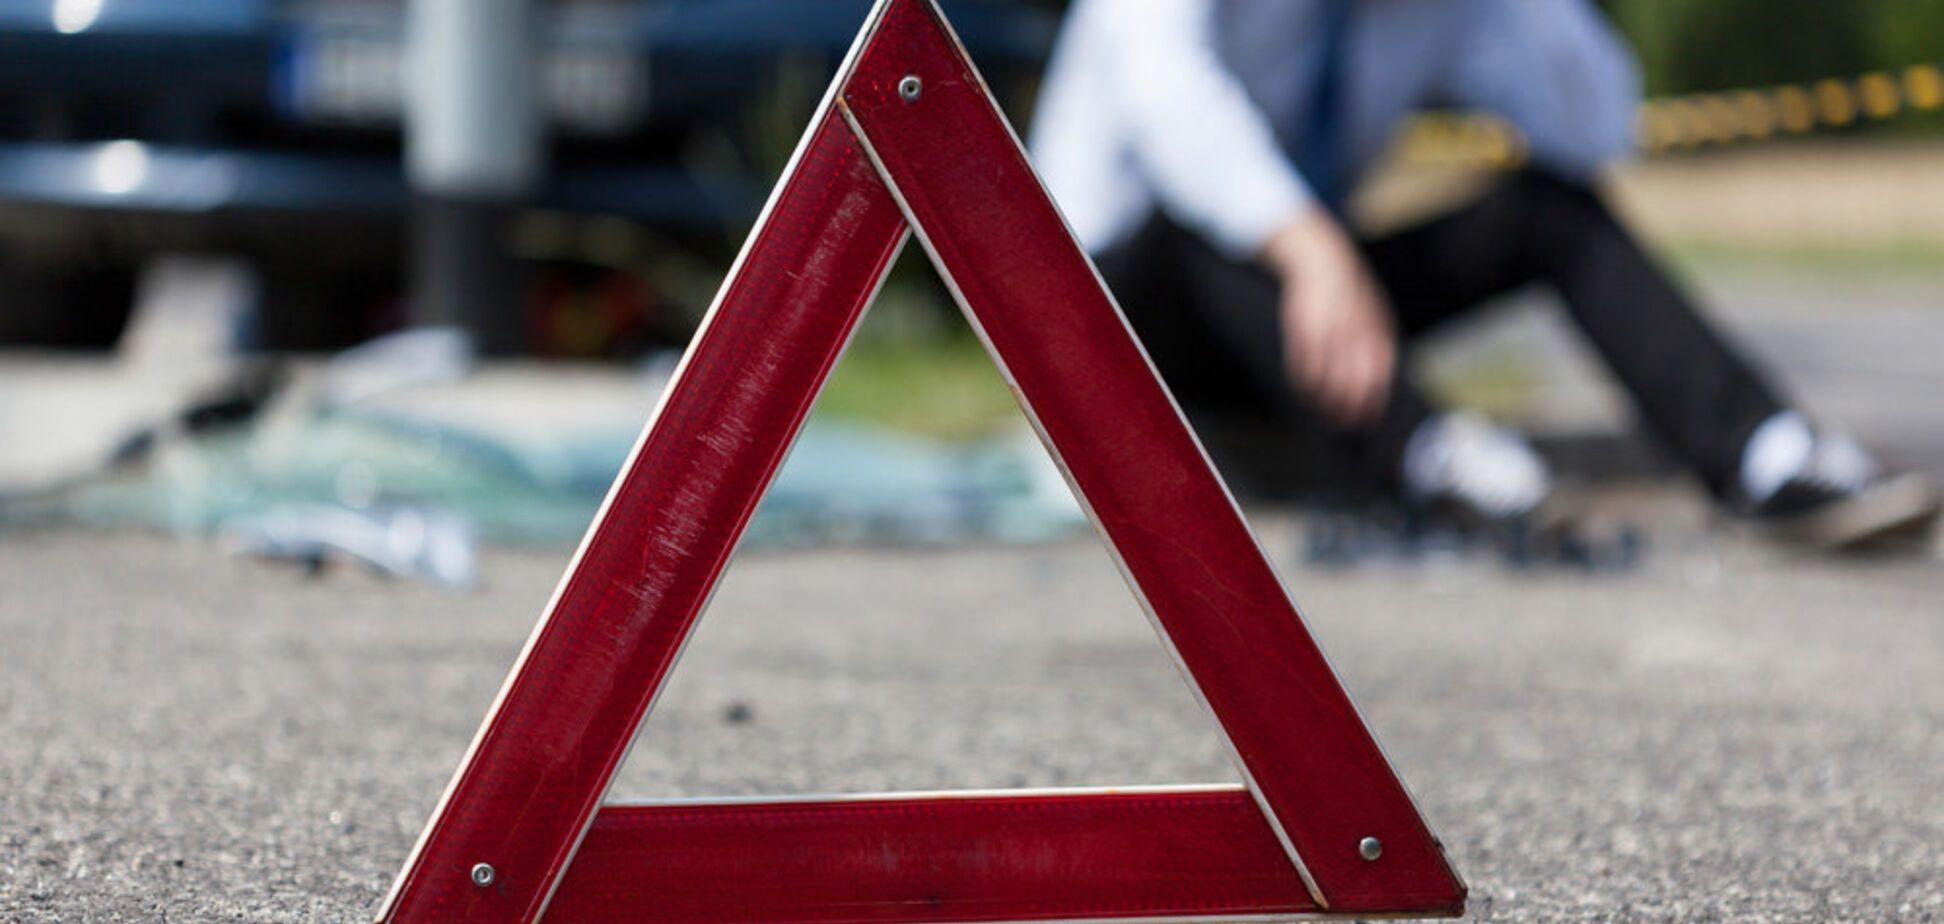 Пьяный украинец устроил смертельное ДТП в Польше